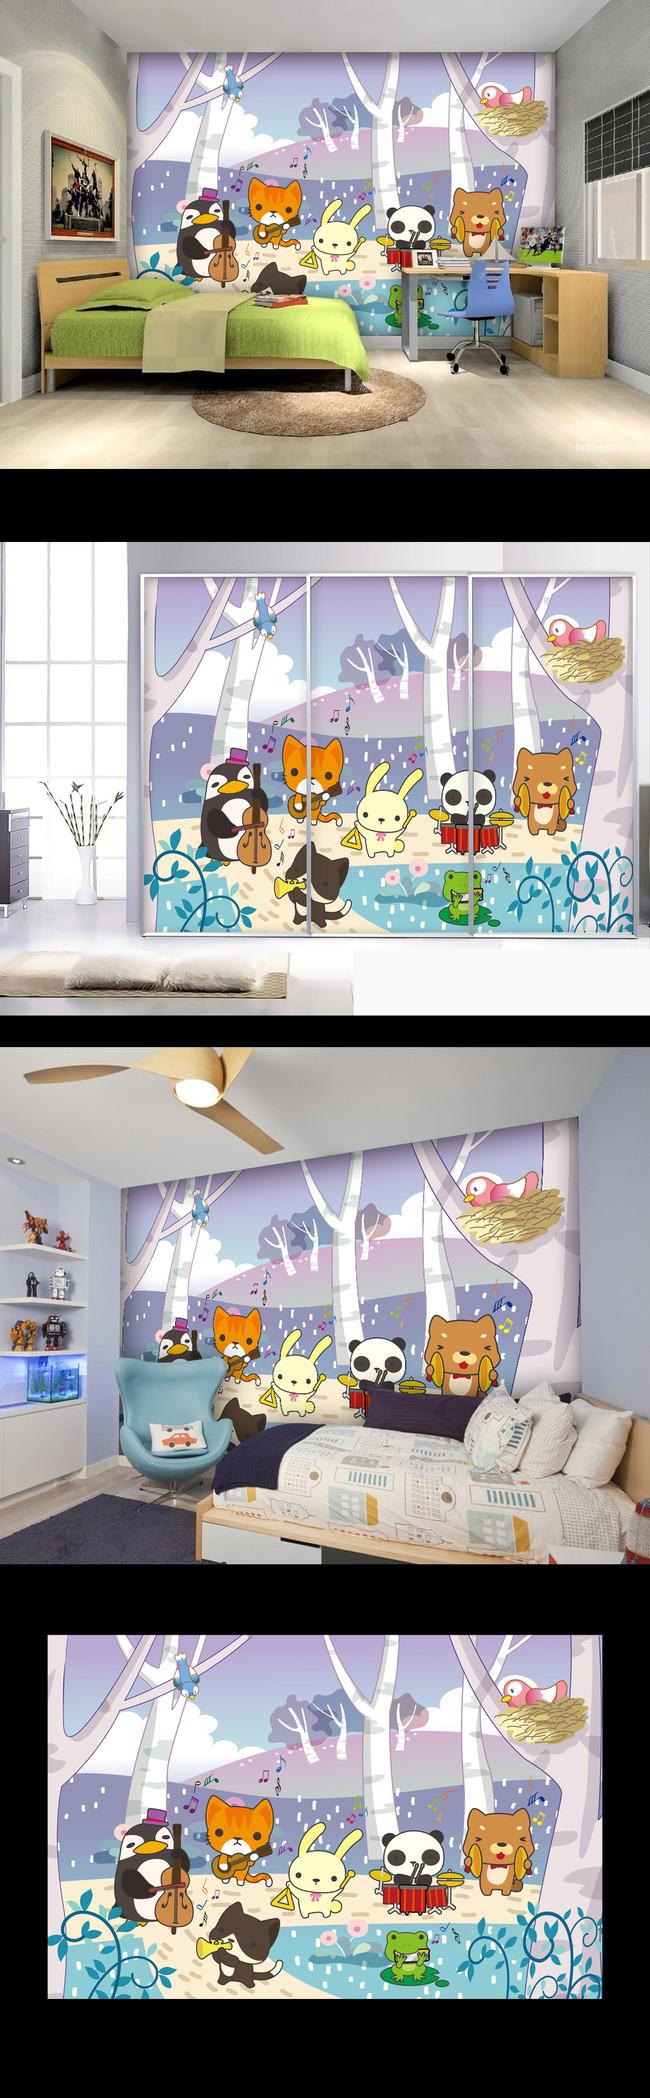 树干 大树 鸟巢 树枝 树林 儿童房 幼儿园 音乐 乐器 壁画 背景墙图片